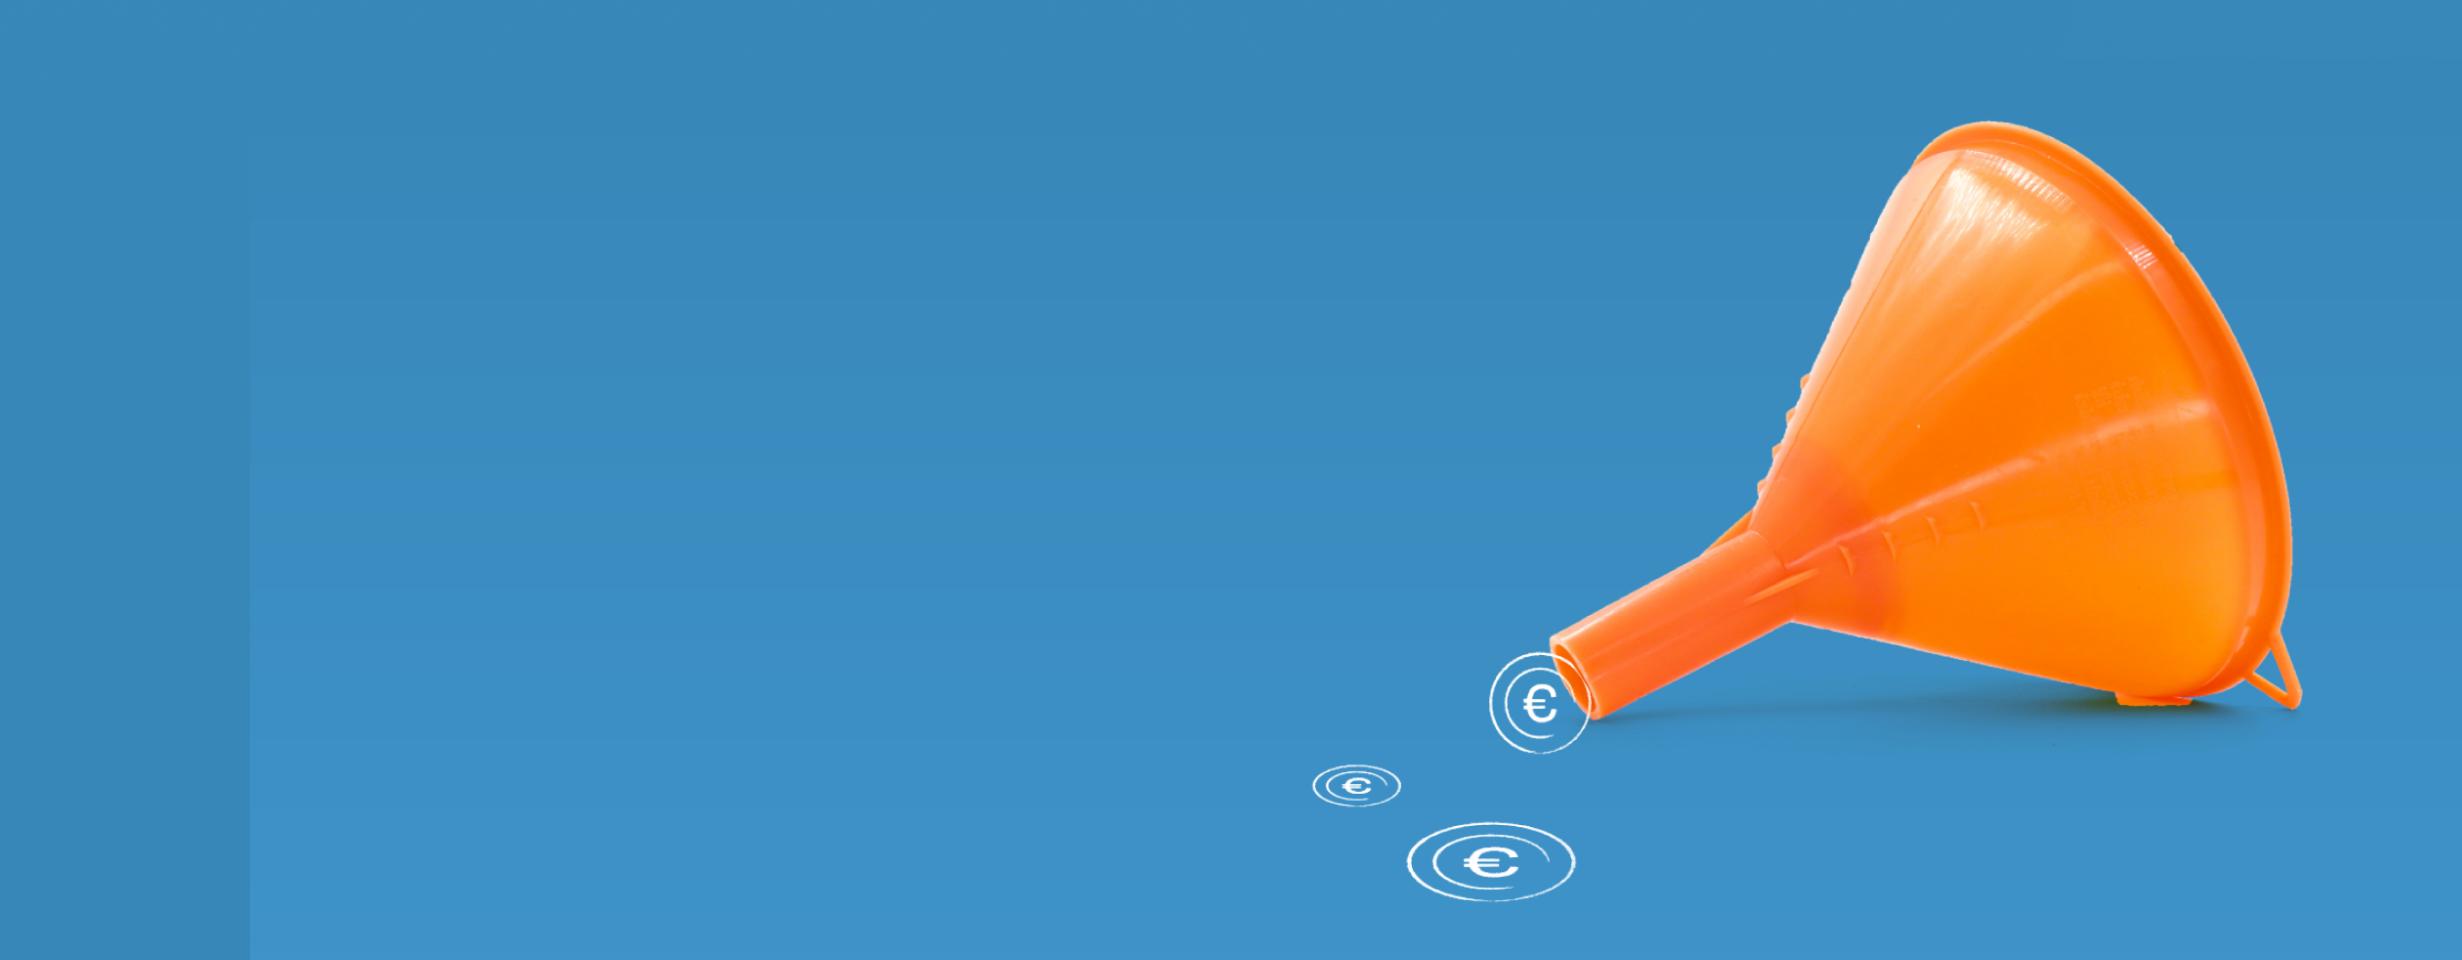 BE NL Ebook Sales Optimisation2021 BG